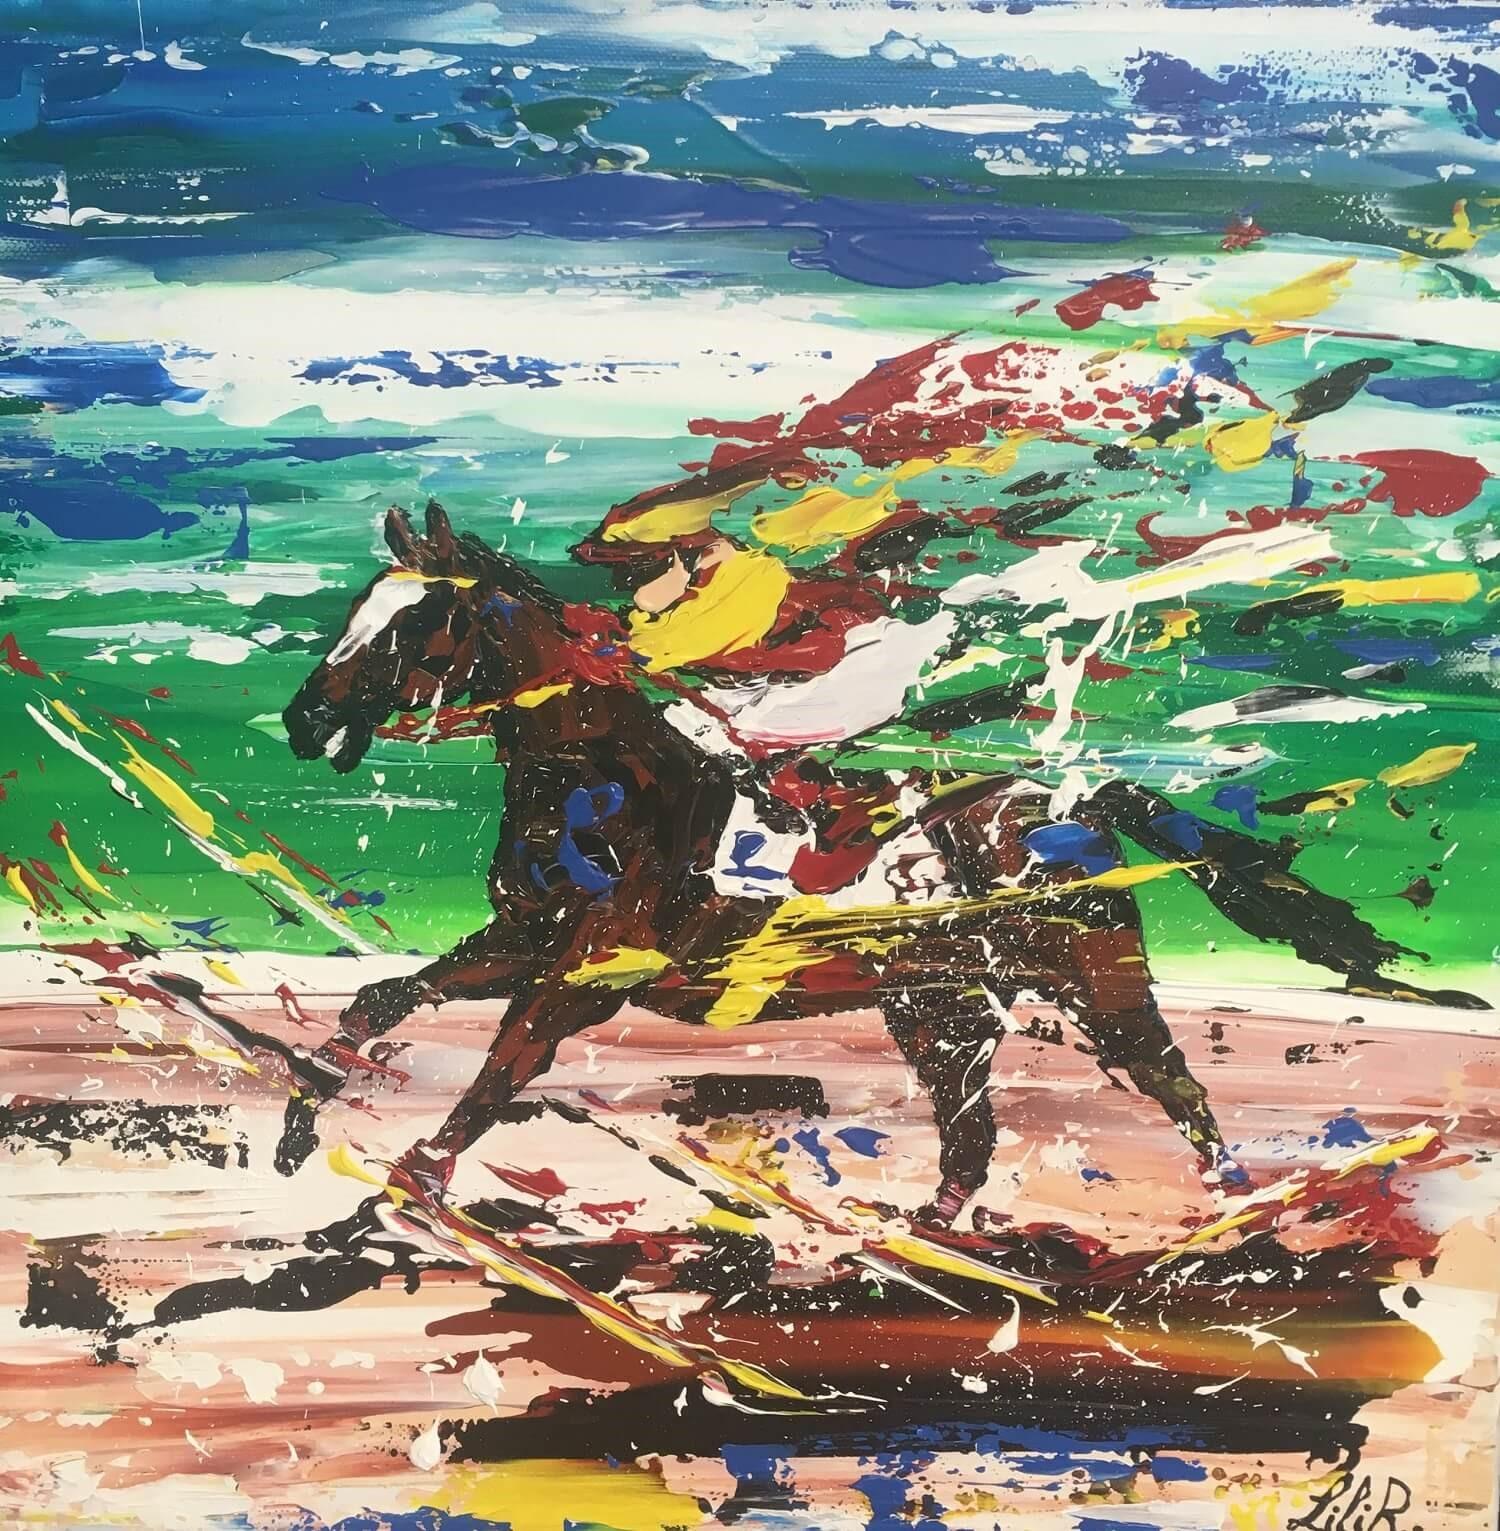 tableau acrylique couteaux les chevaux de lilir solo course galop severine richer peintre normand